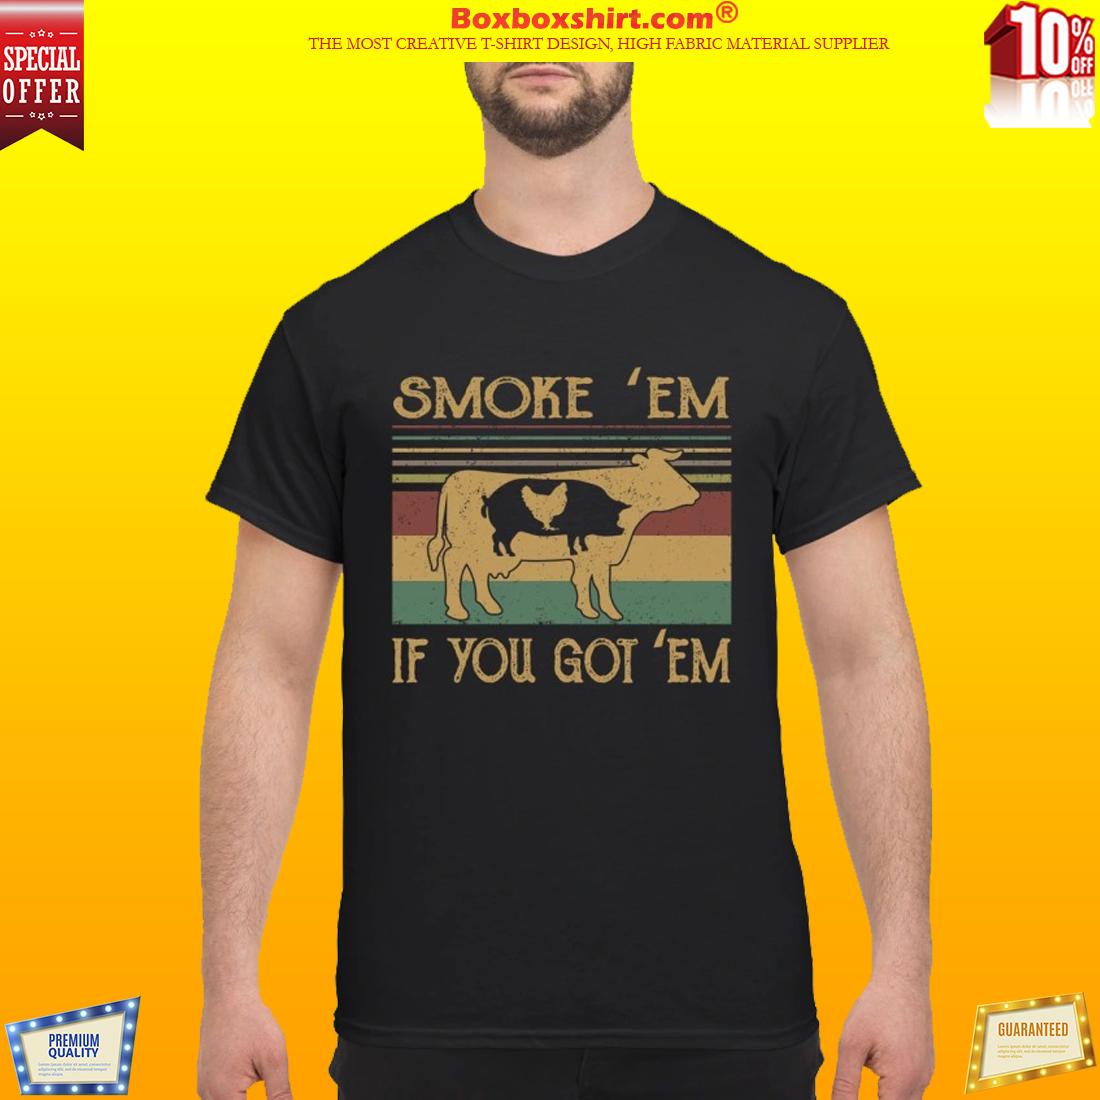 Cow pig chicken smoke em if you got em classic shirt